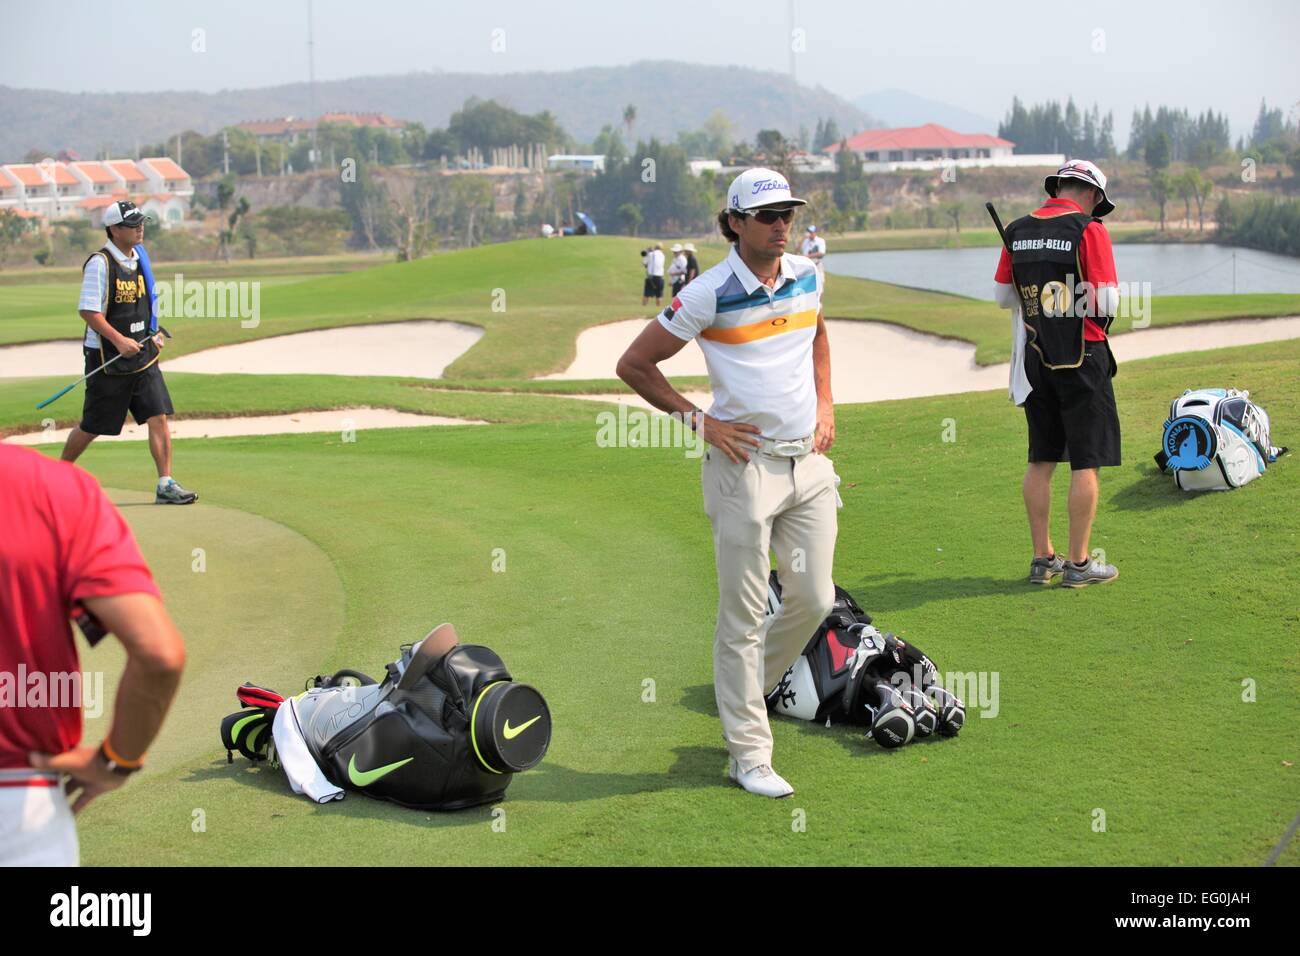 Thailand Classic Asia European Golf Tour - Stock Image